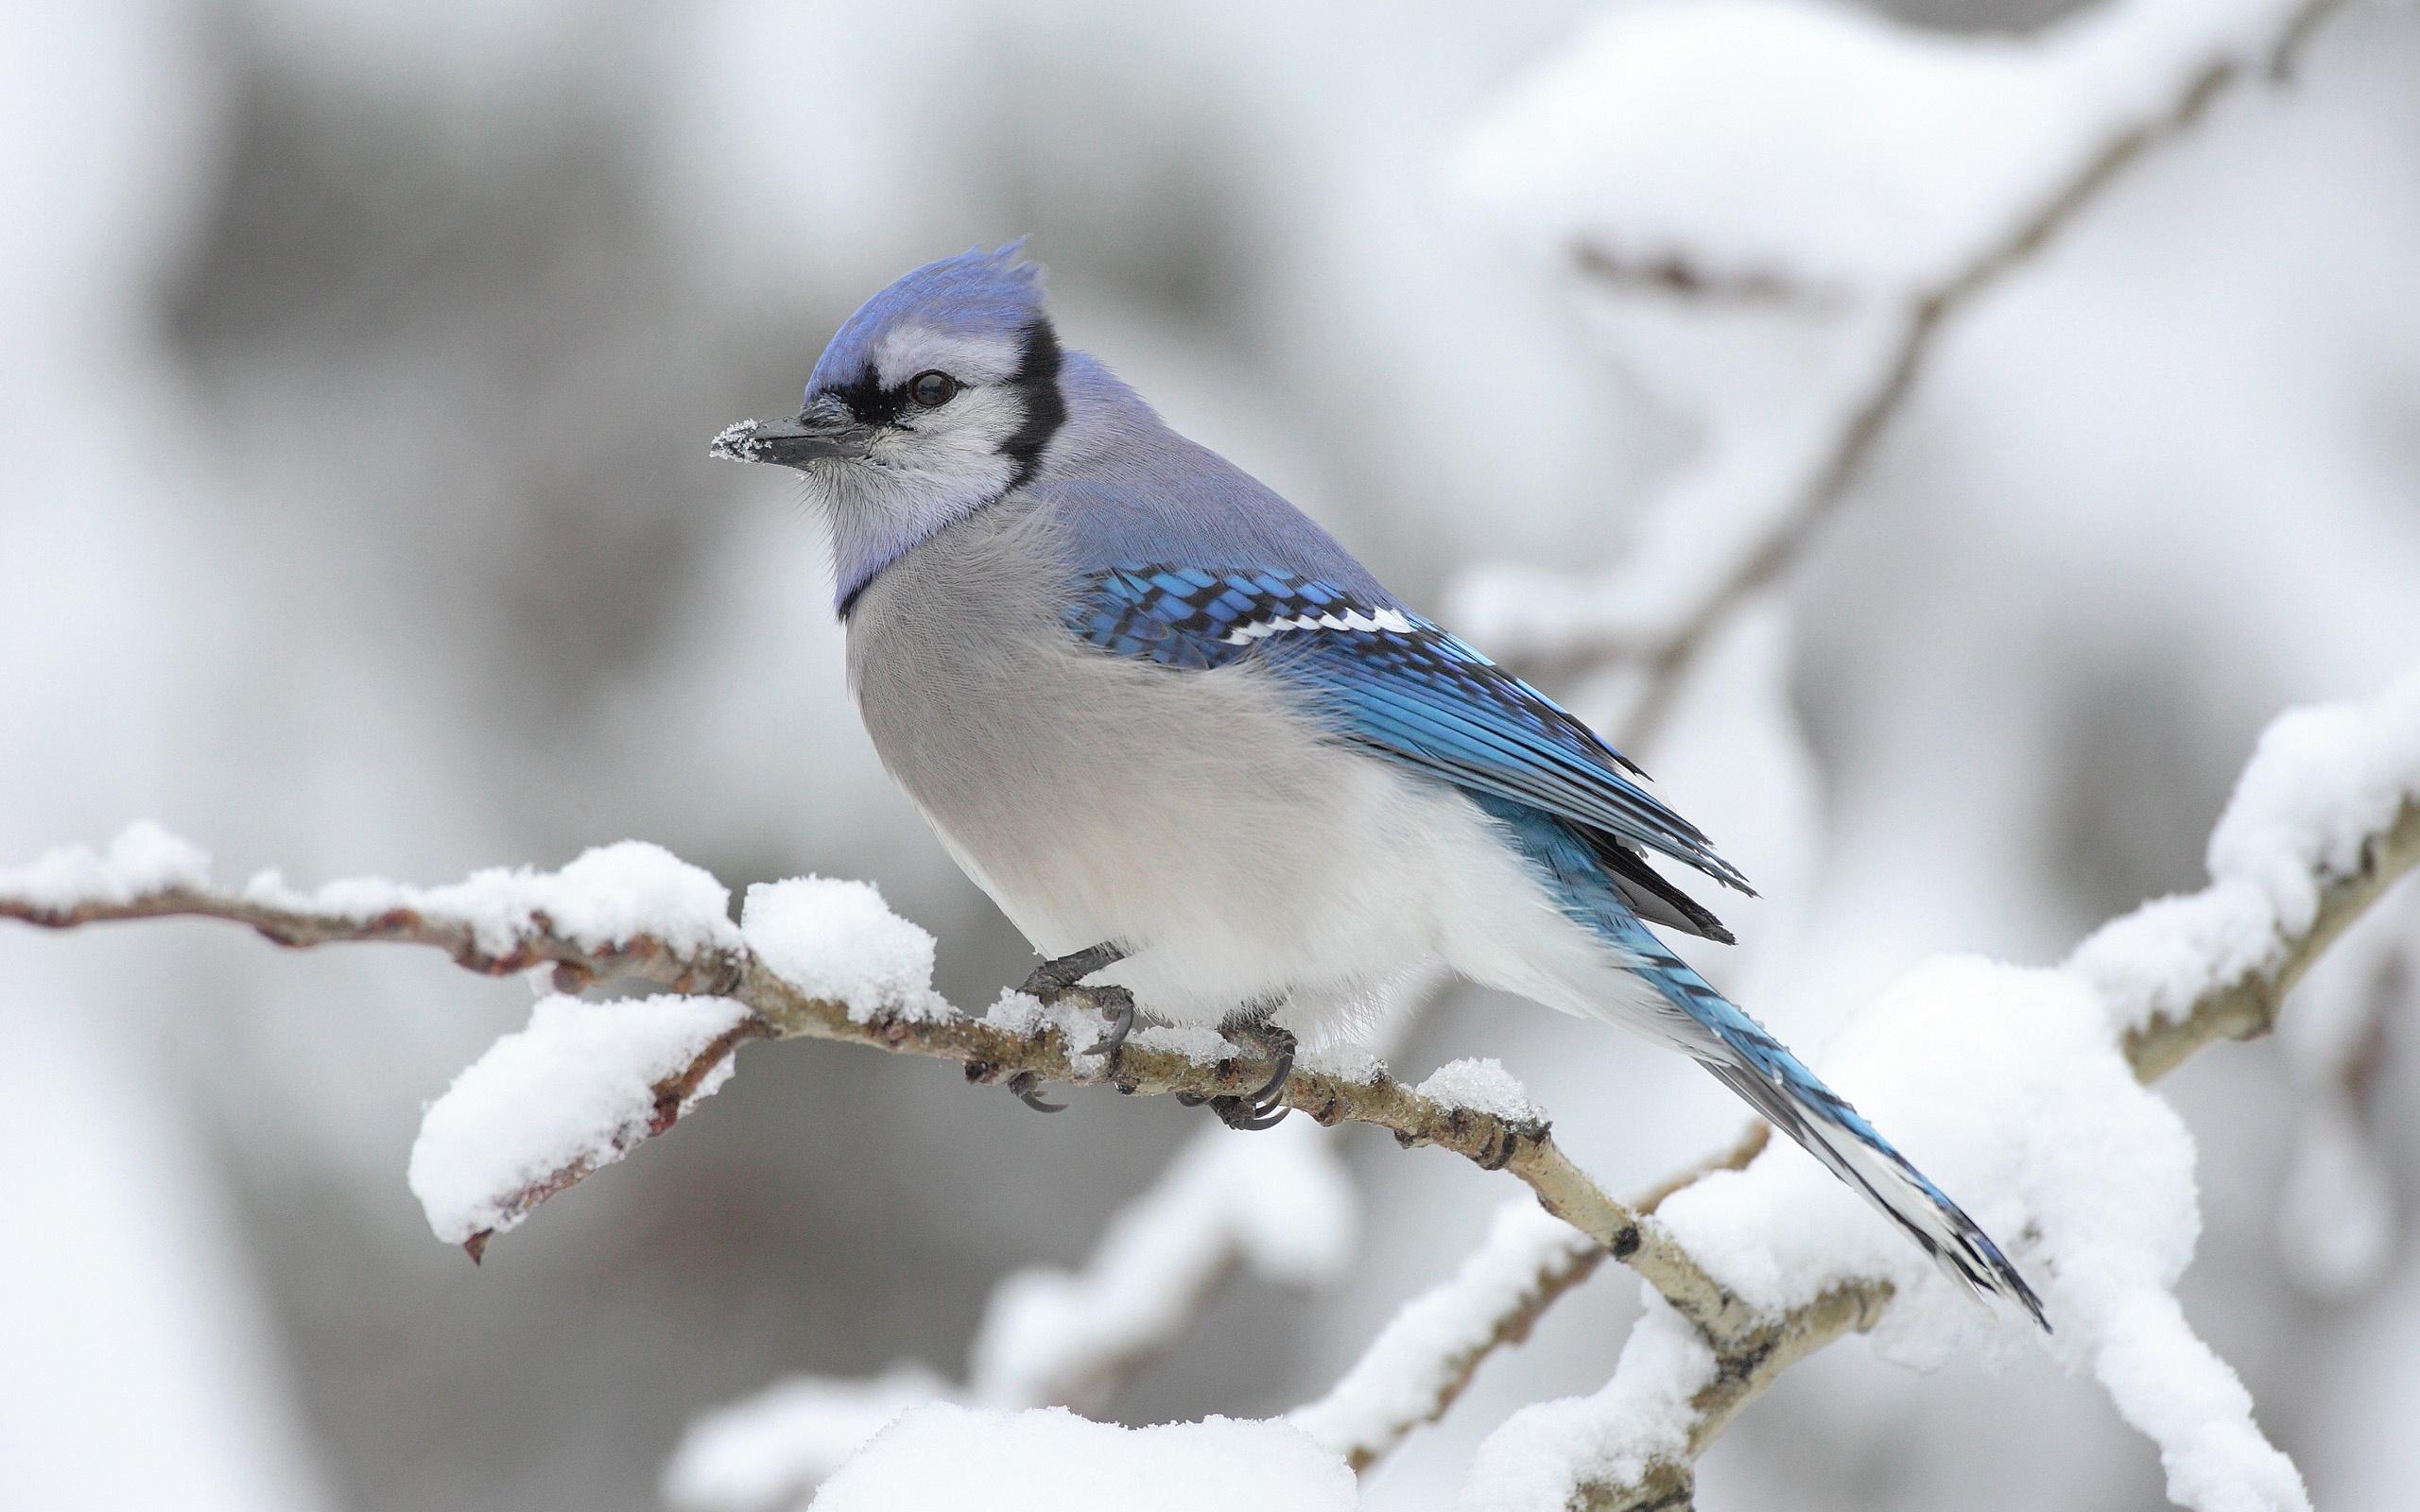 Fonds d 39 cran oiseau sur la neige hiver arbre 2560x1600 hd for Fond ecran hiver hd